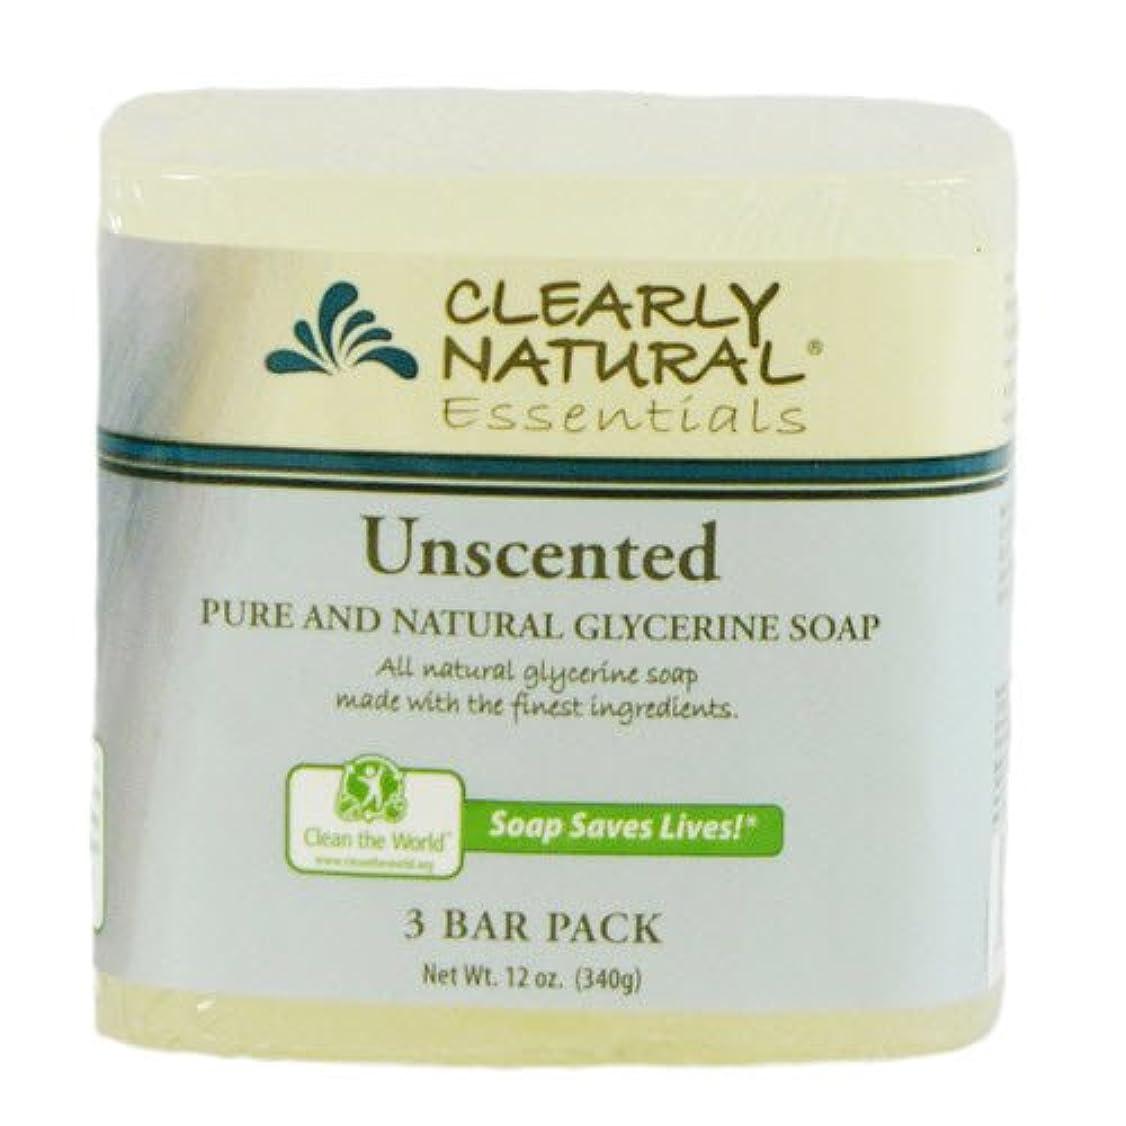 アブストラクト振る舞うお金Clearly Natural, Pure and Natural Glycerine Soap, Unscented, 3 Bar Pack, 4 oz Each